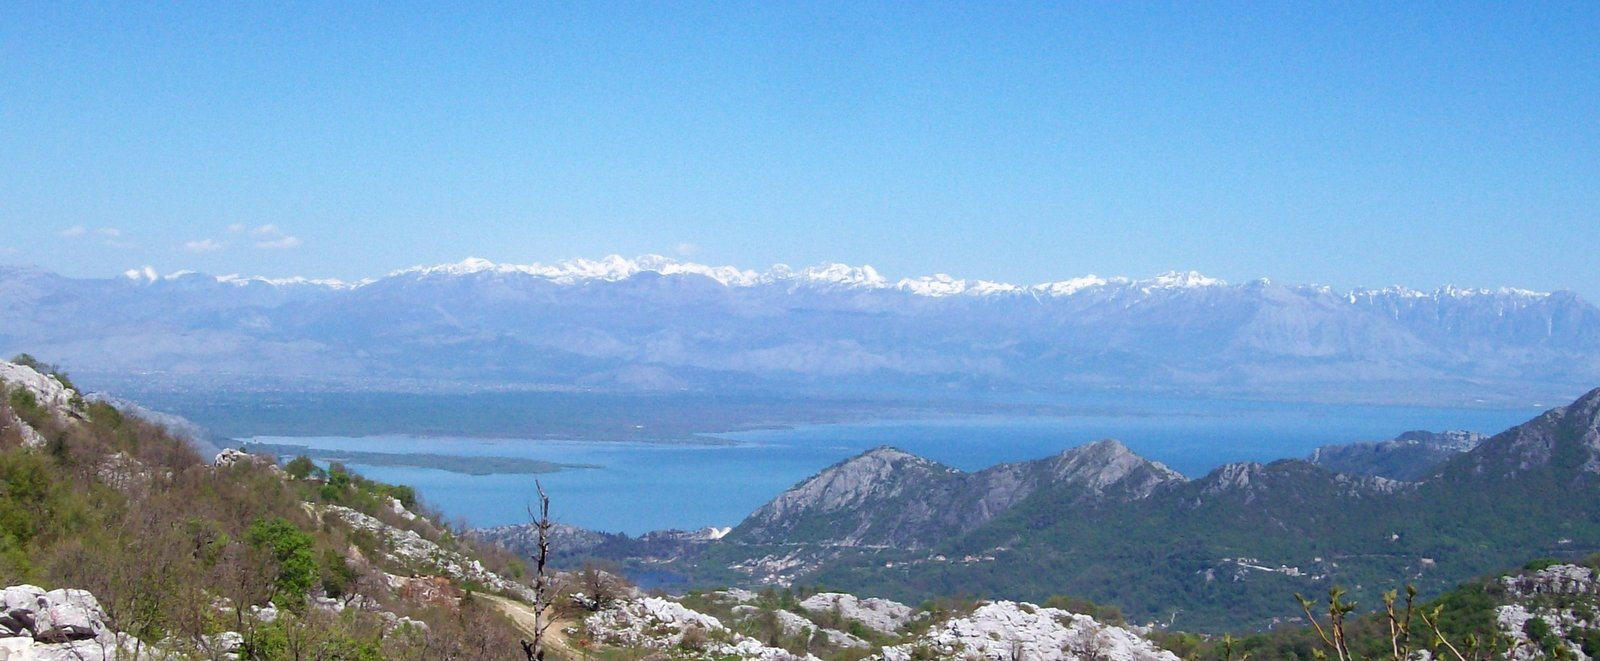 Skadarsee - Montenegro